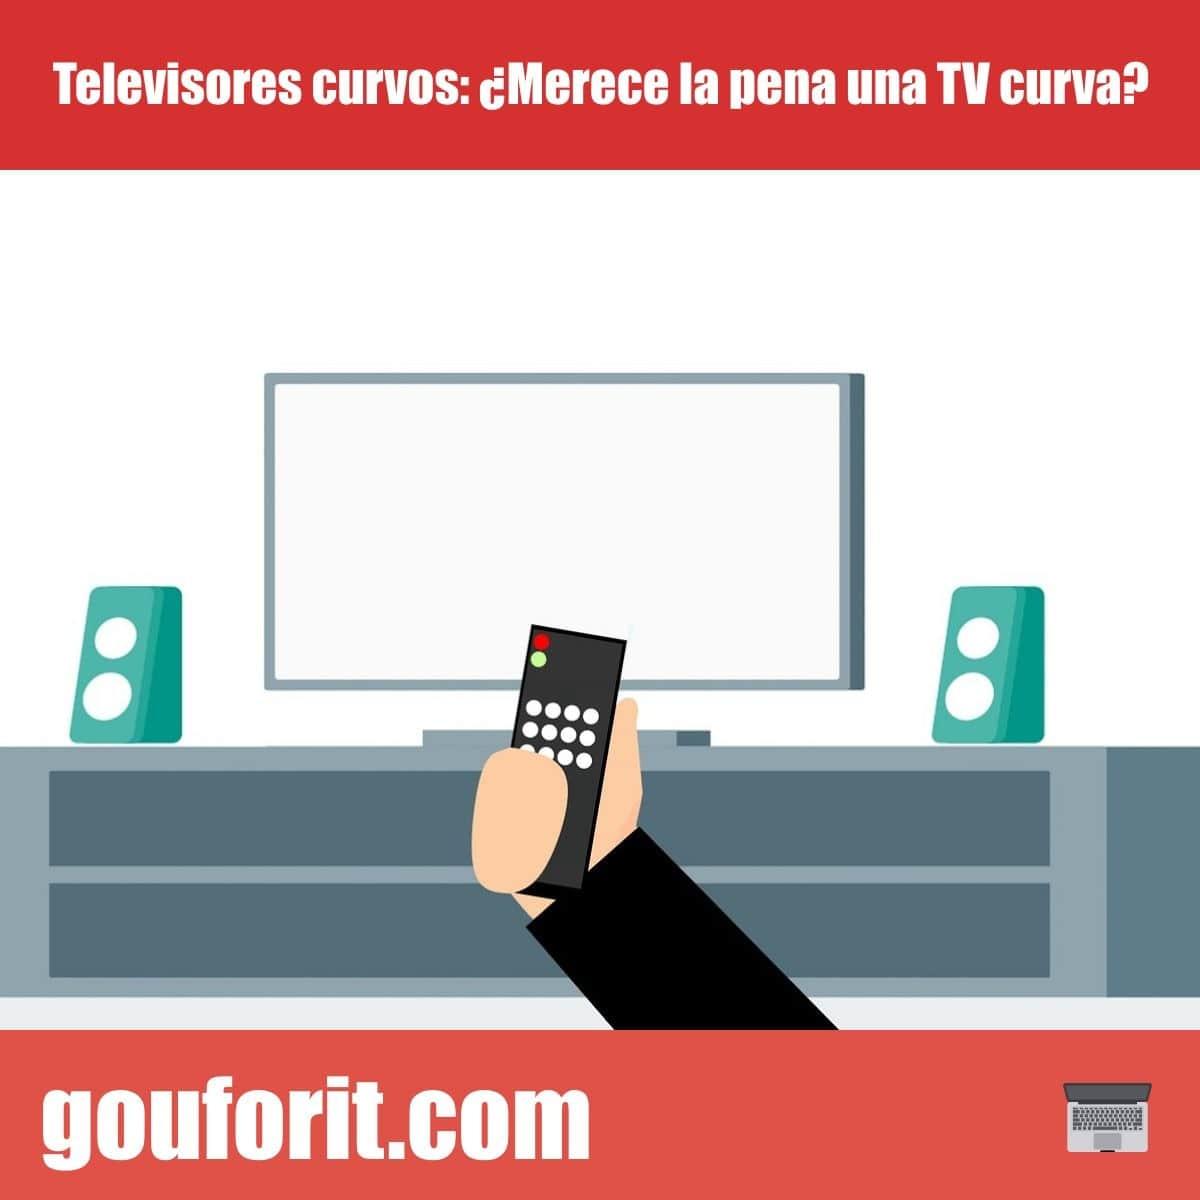 Televisores curvos: ¿Merece la pena una TV curva?